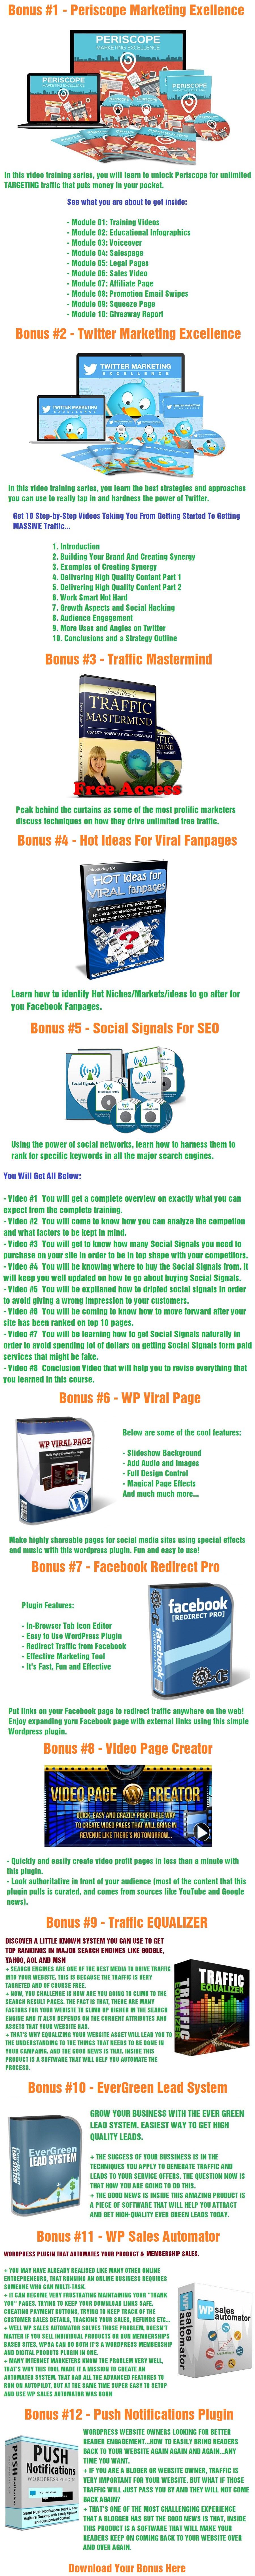 Viral Loop 2.0 Bonus